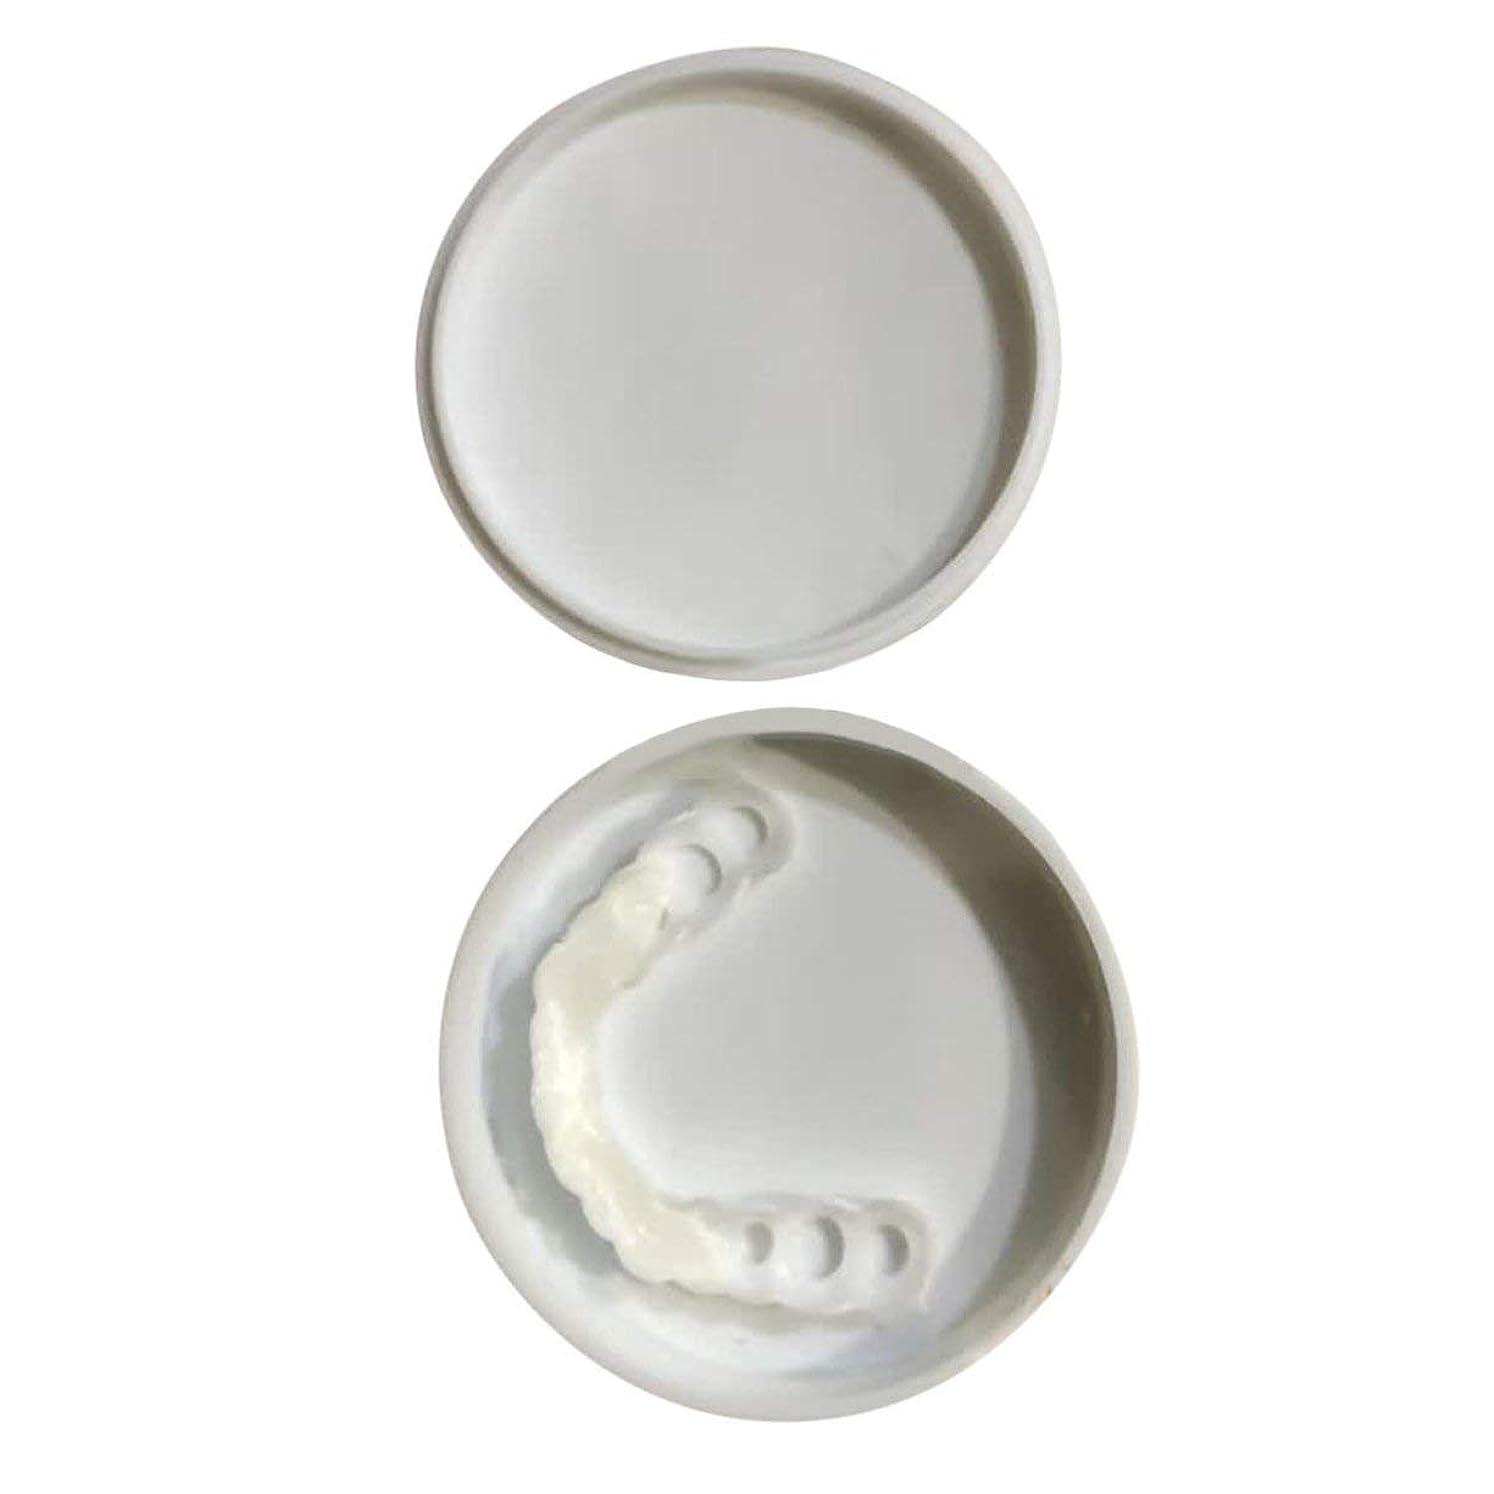 単独で失態遅い快適なスナップオン男性女性歯インスタントパーフェクトスマイルコンフォートフィットフレックス歯フィットホワイトニング笑顔偽歯カバー - ホワイト